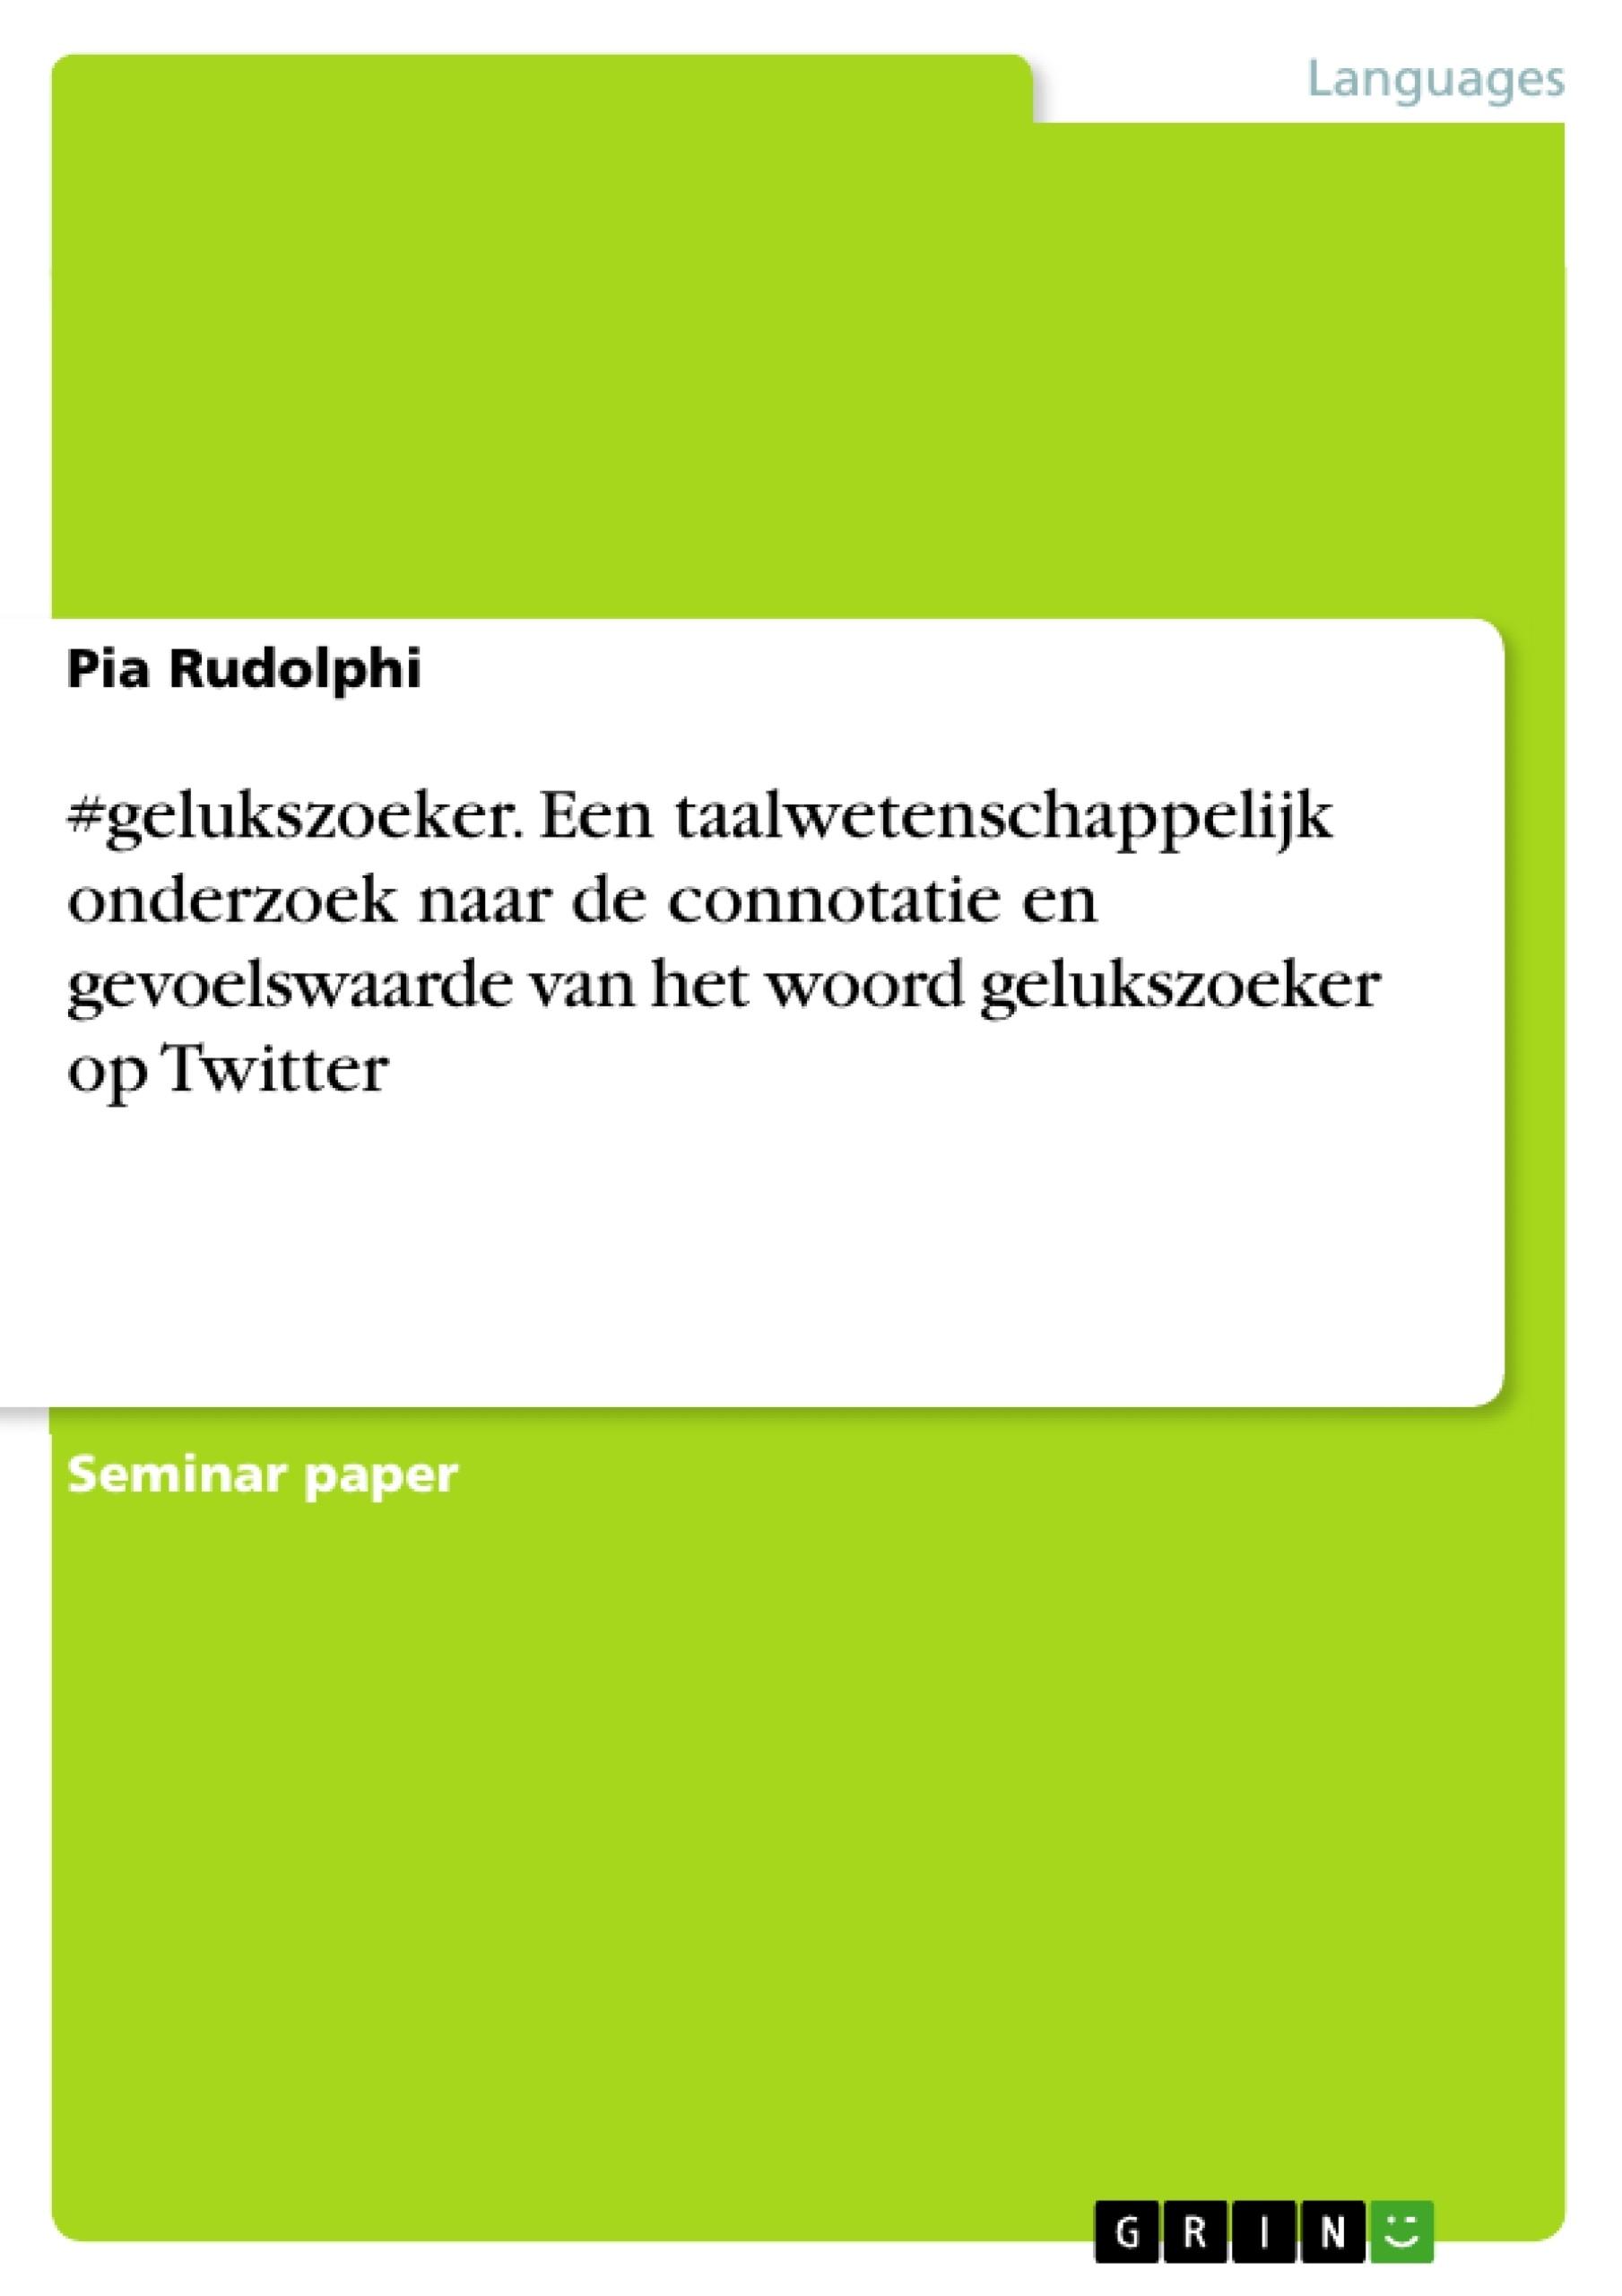 Title: #gelukszoeker. Een taalwetenschappelijk onderzoek naar de connotatie en gevoelswaarde van het woord gelukszoeker op Twitter